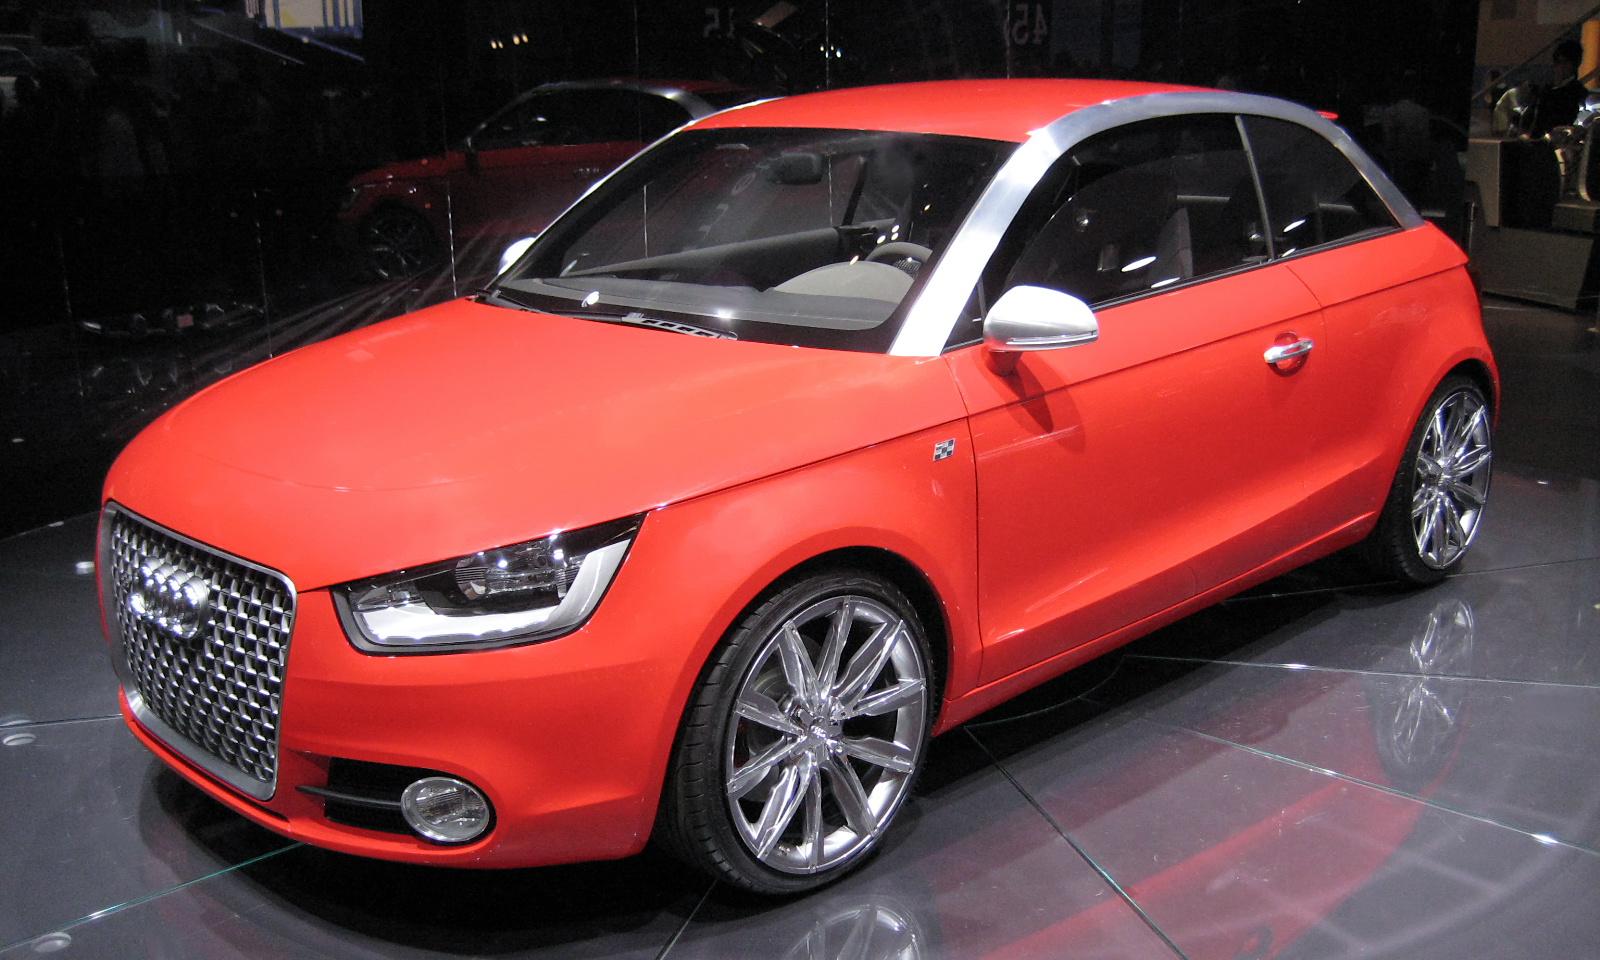 Audi Hybrid Vehicles Wikipedia